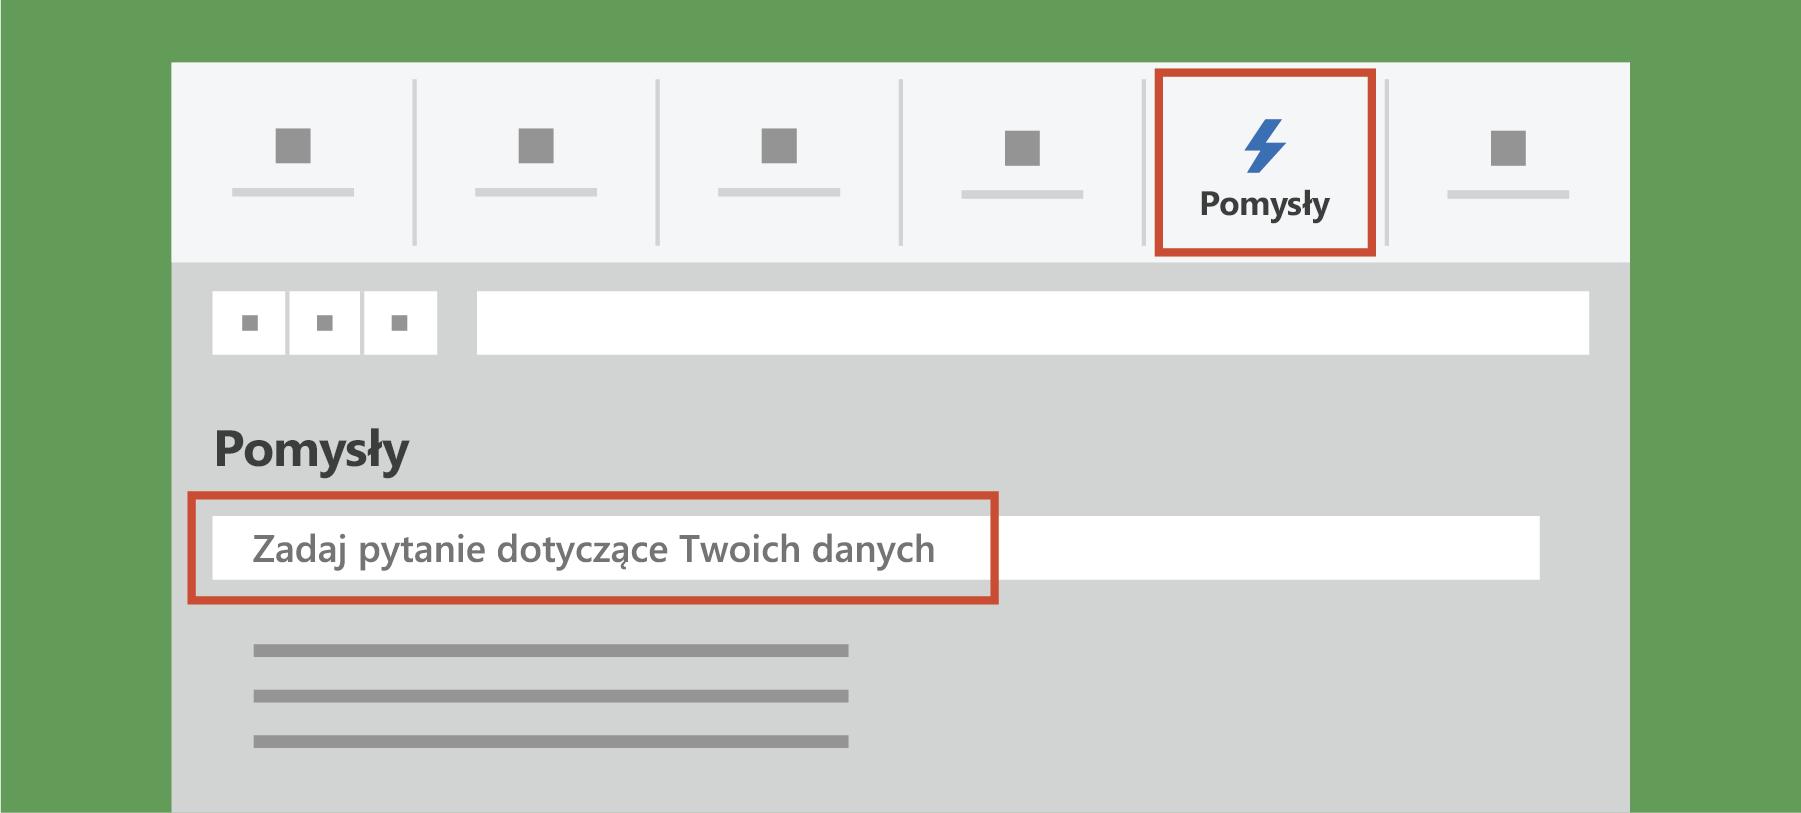 Pokazywanie pomysłów w programie Excel